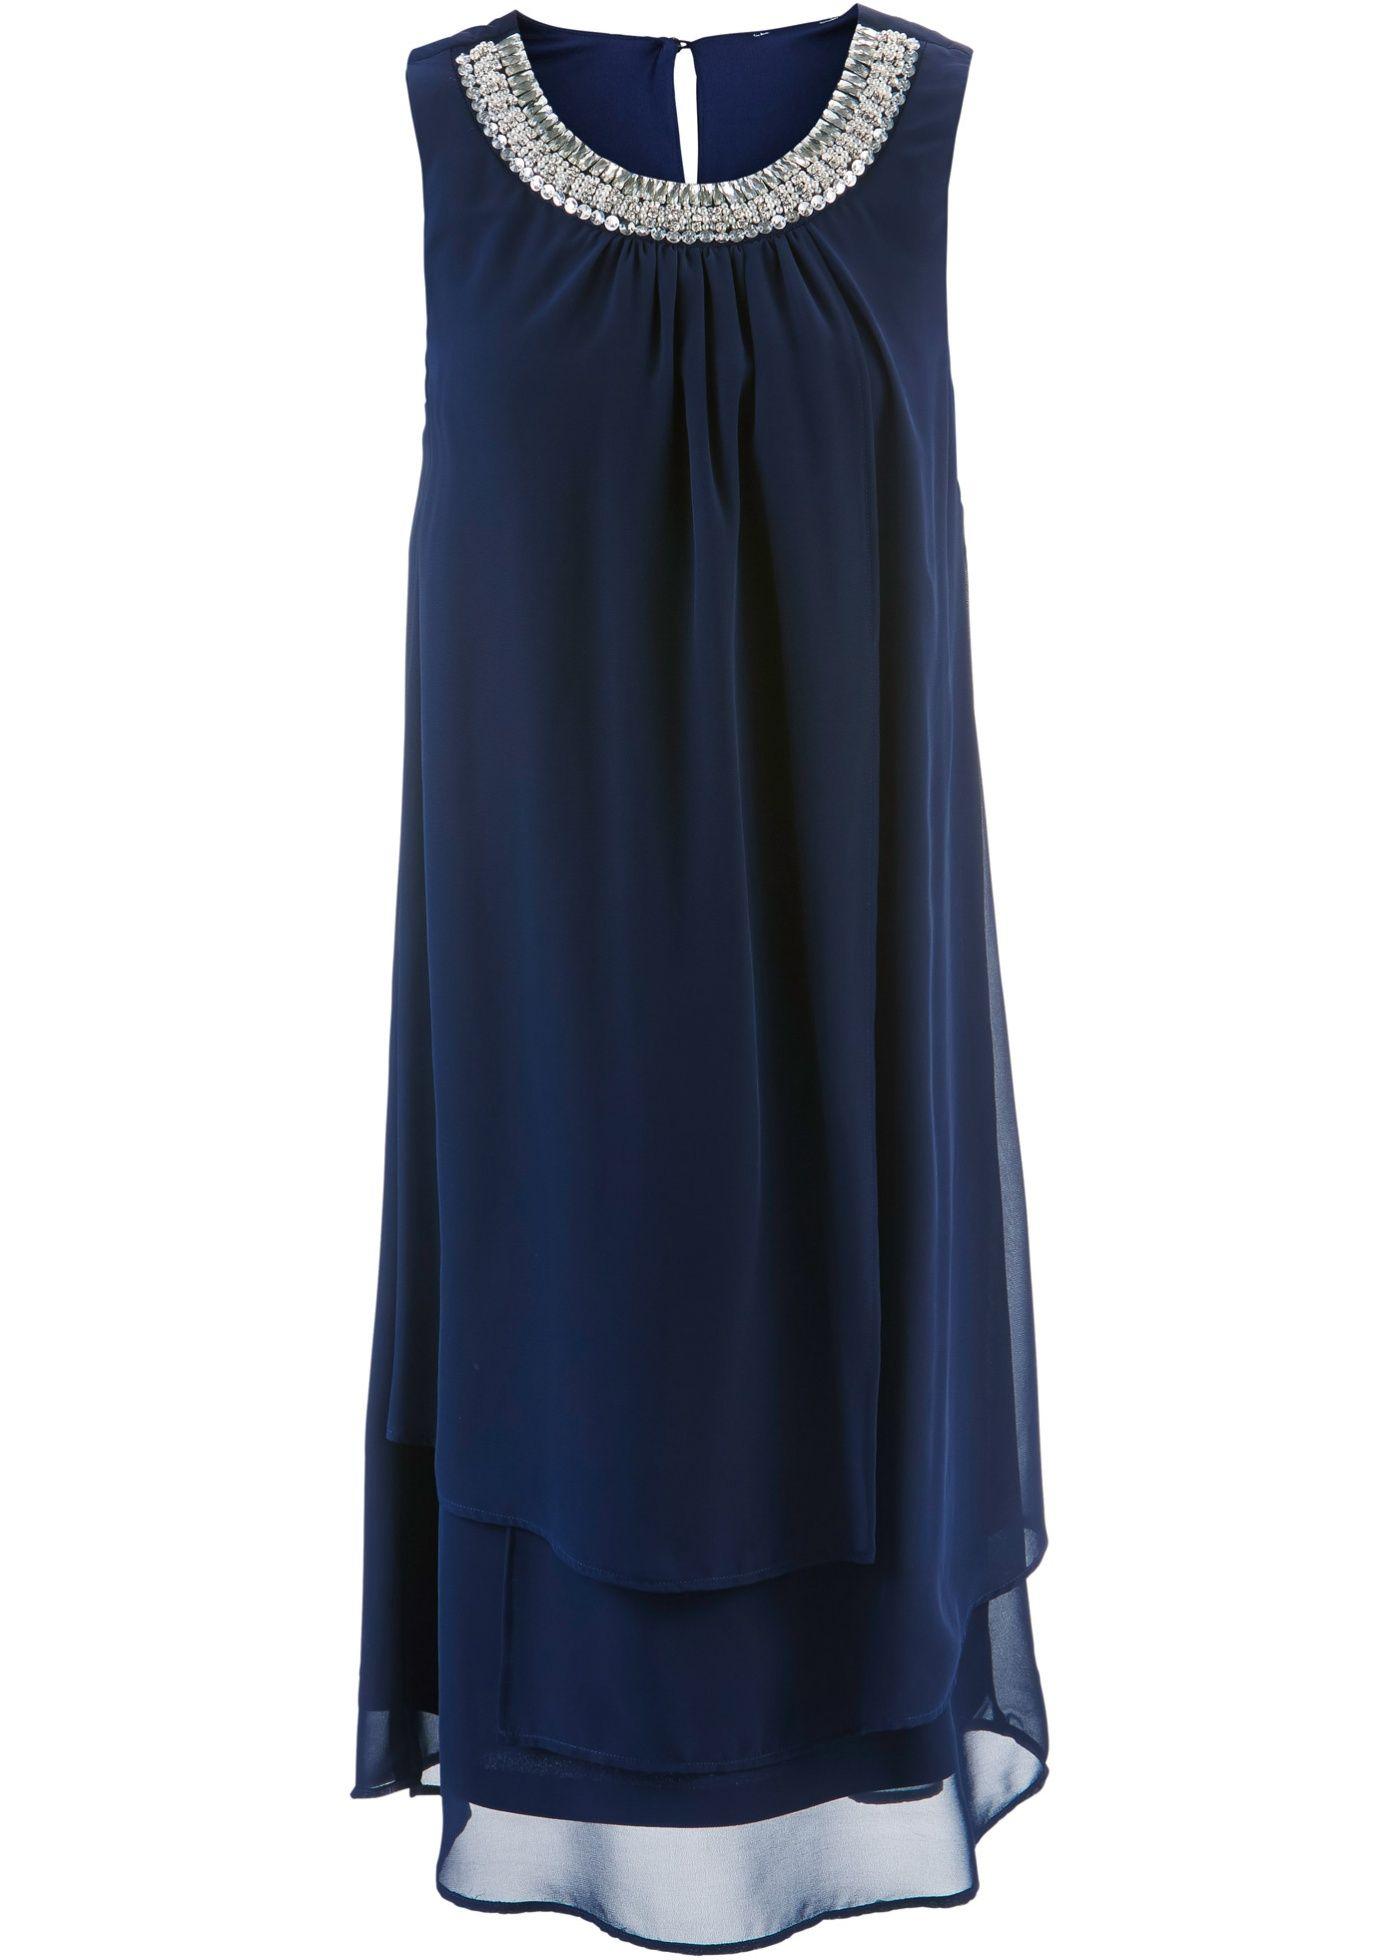 wundervolles kleid mit perlen - dunkelblau in 2020